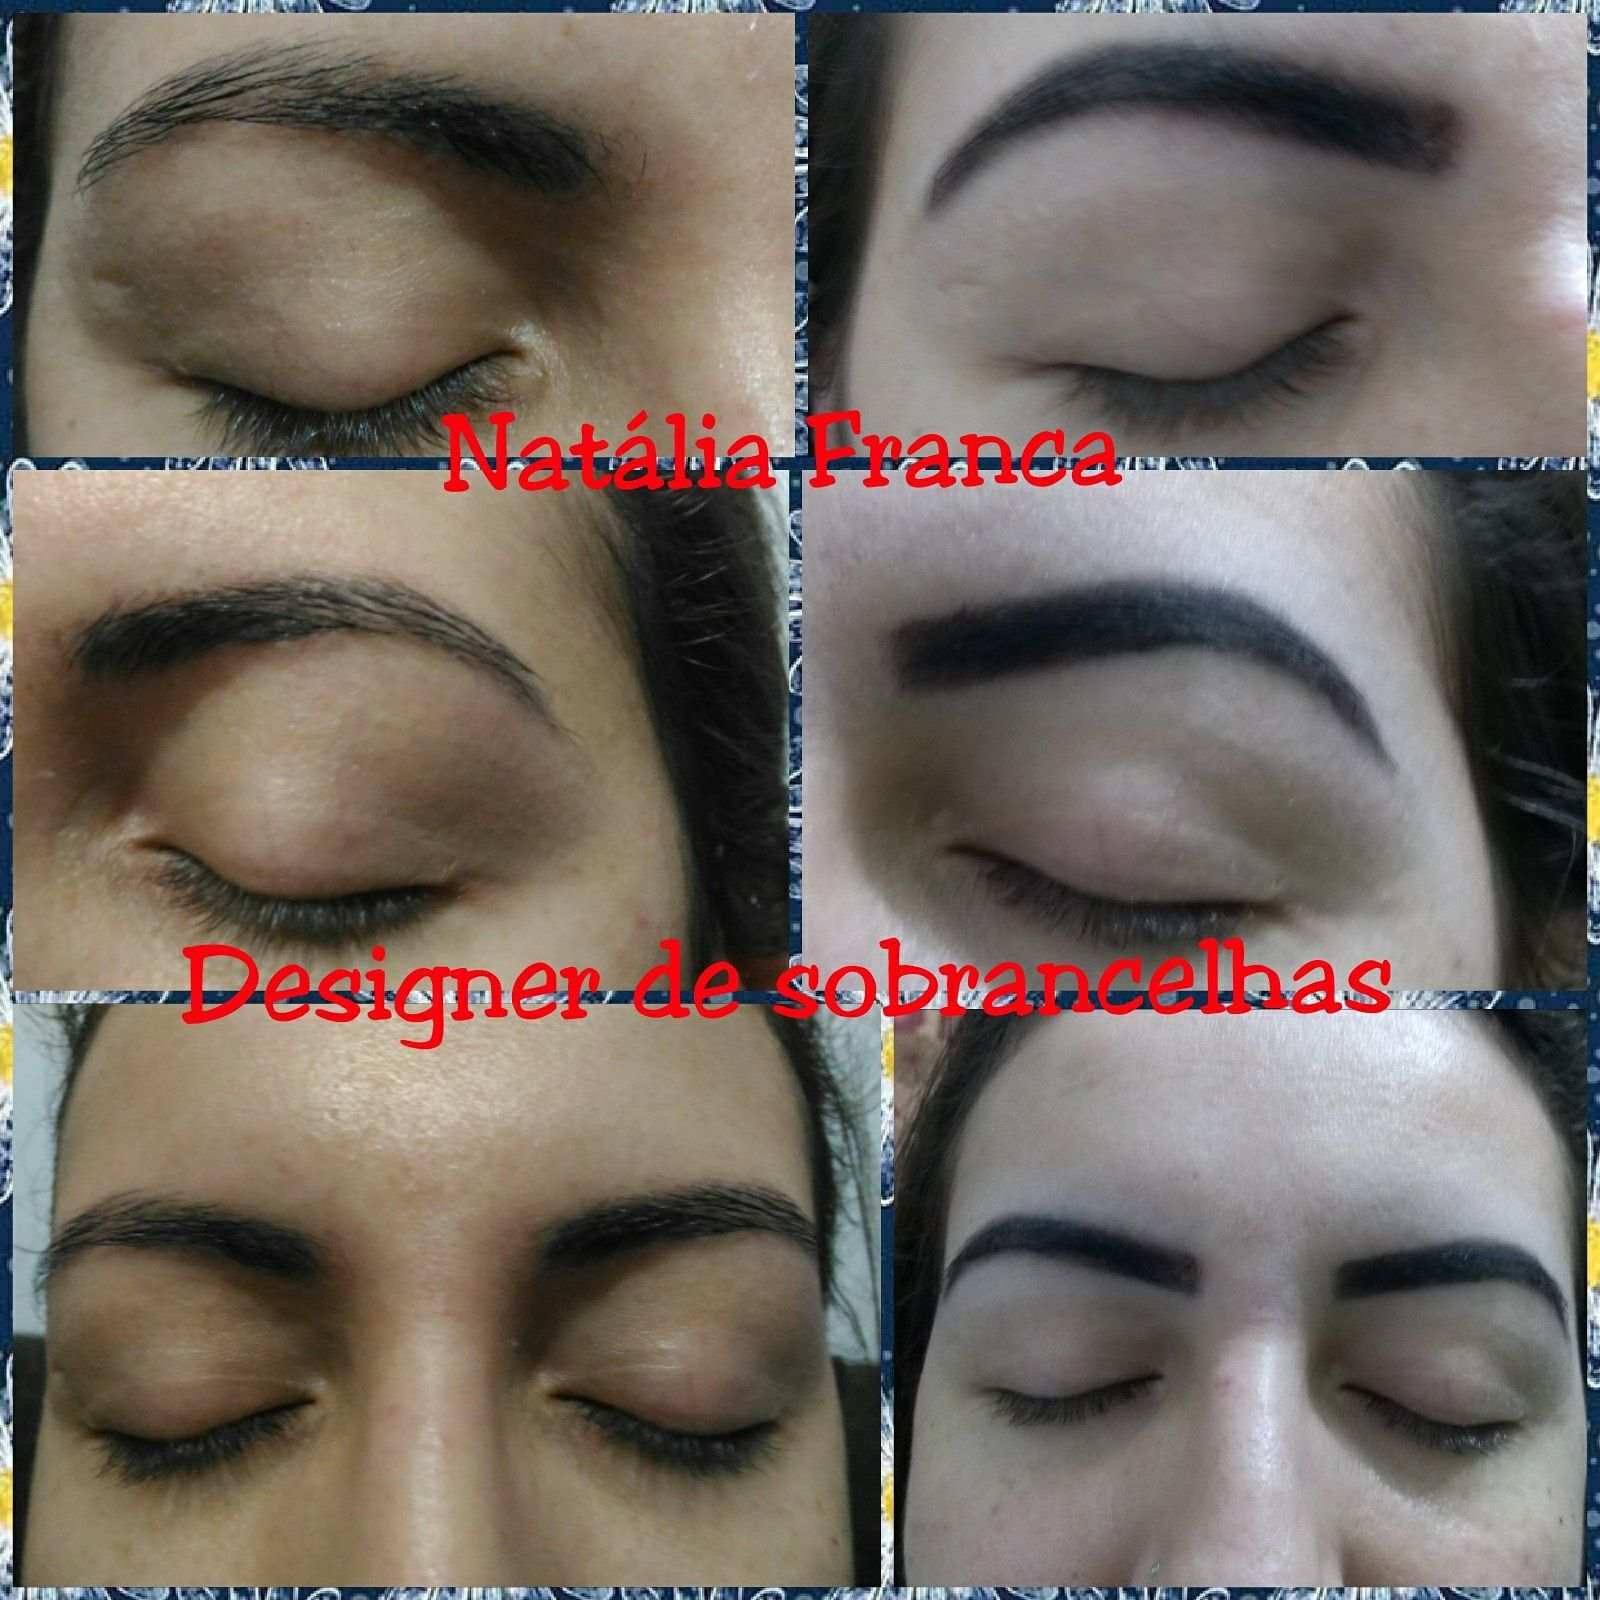 Designer de sobrancelhas com Henna estética depilador(a) depilador(a) depilador(a) depilador(a) designer de sobrancelhas designer de sobrancelhas